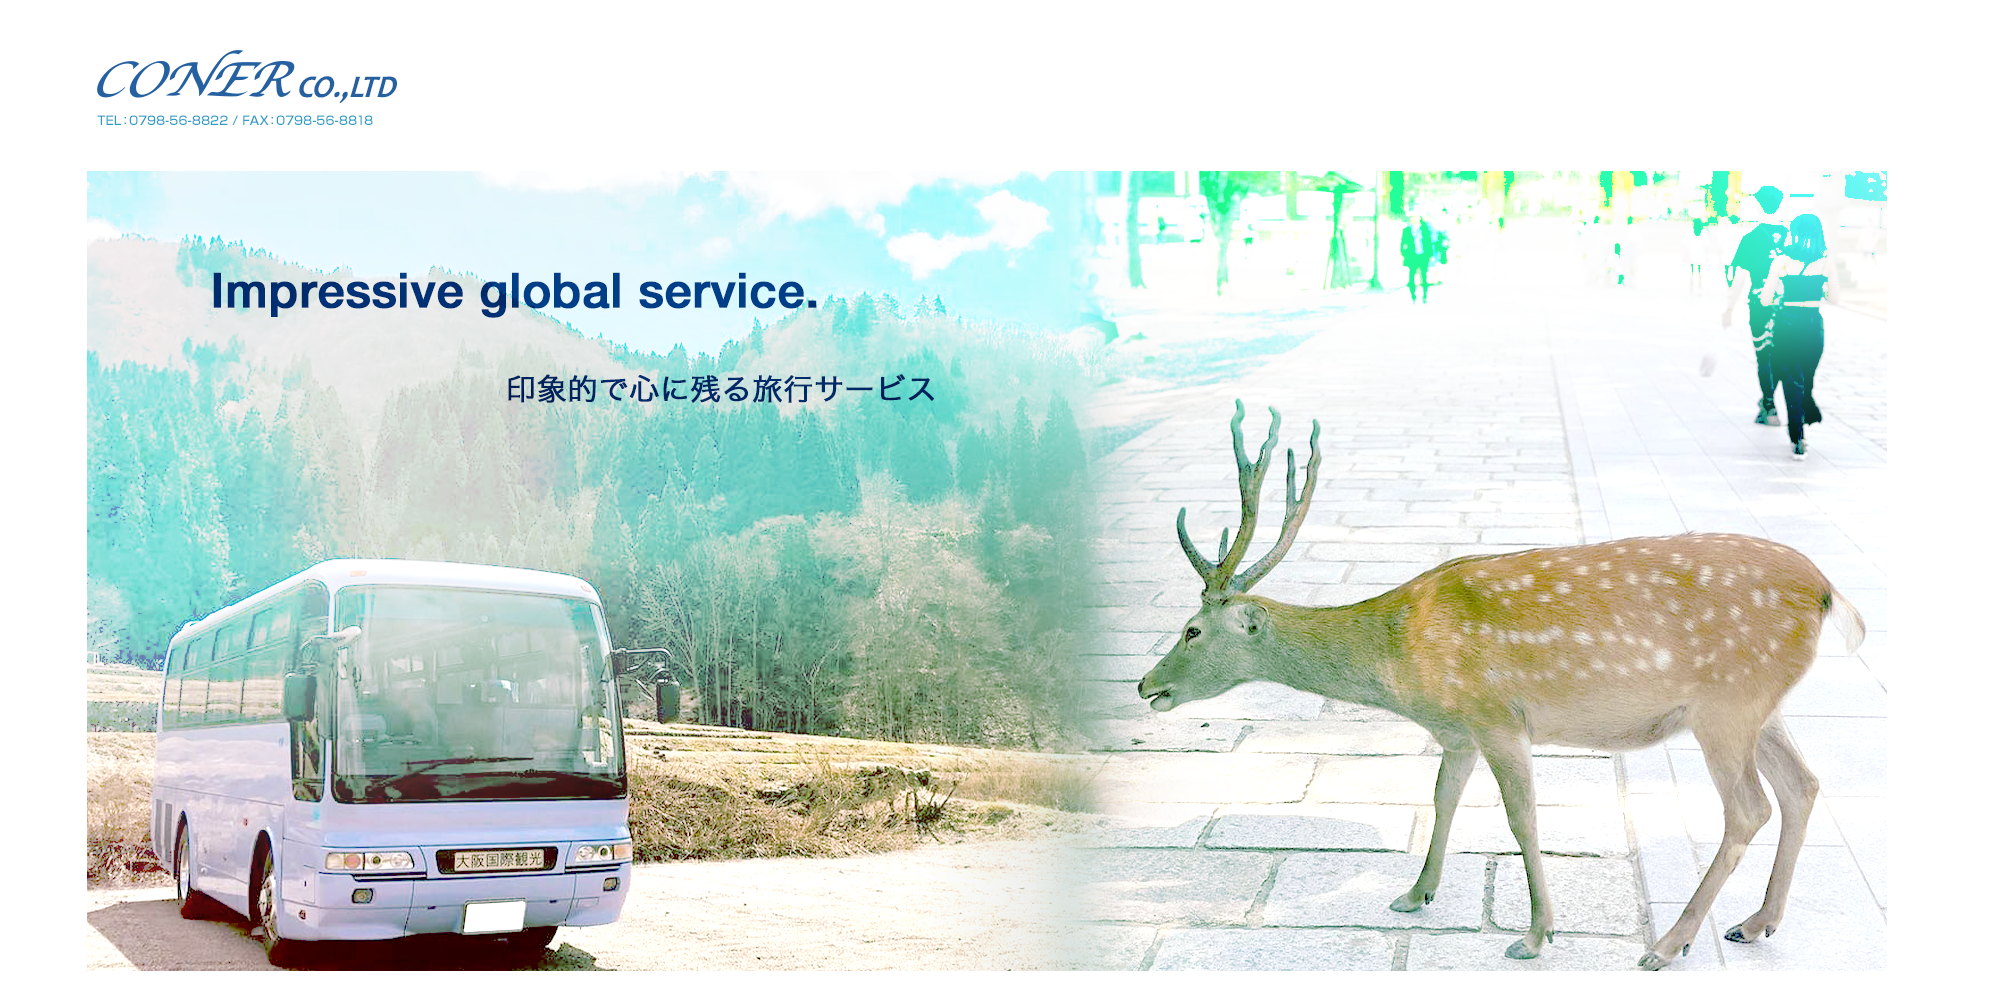 印象的なグローバルサービス